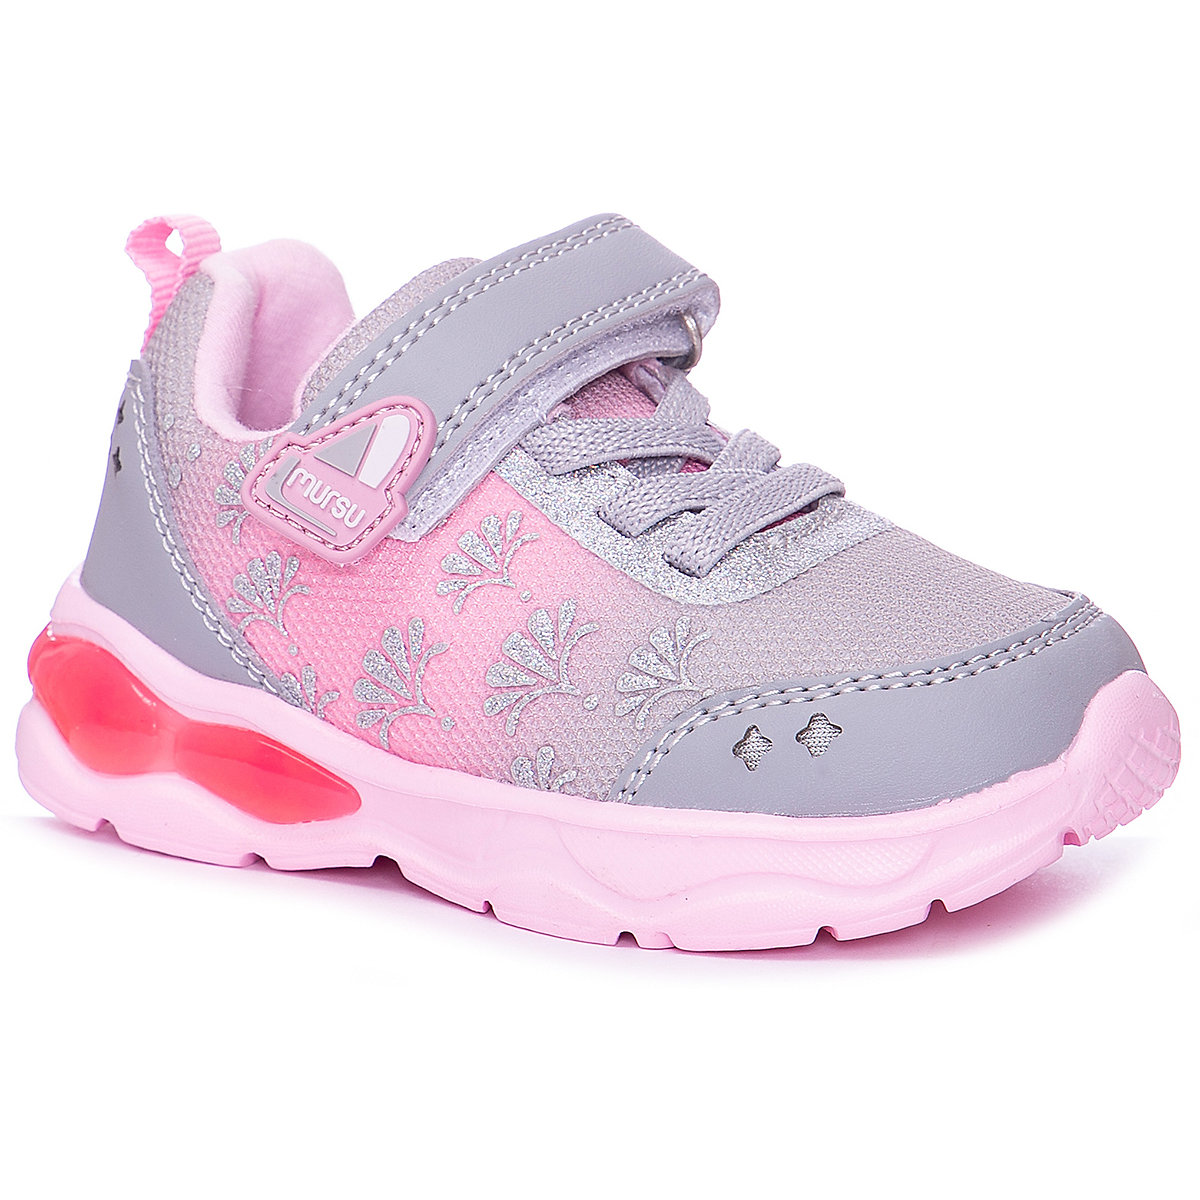 MURSU Bambini \ 'Scarpe Da Ginnastica 10612169 10612152 per bambini \'s sport scarpe da corsa di Primavera Ragazze di Autunno Della Ragazza MTpromo